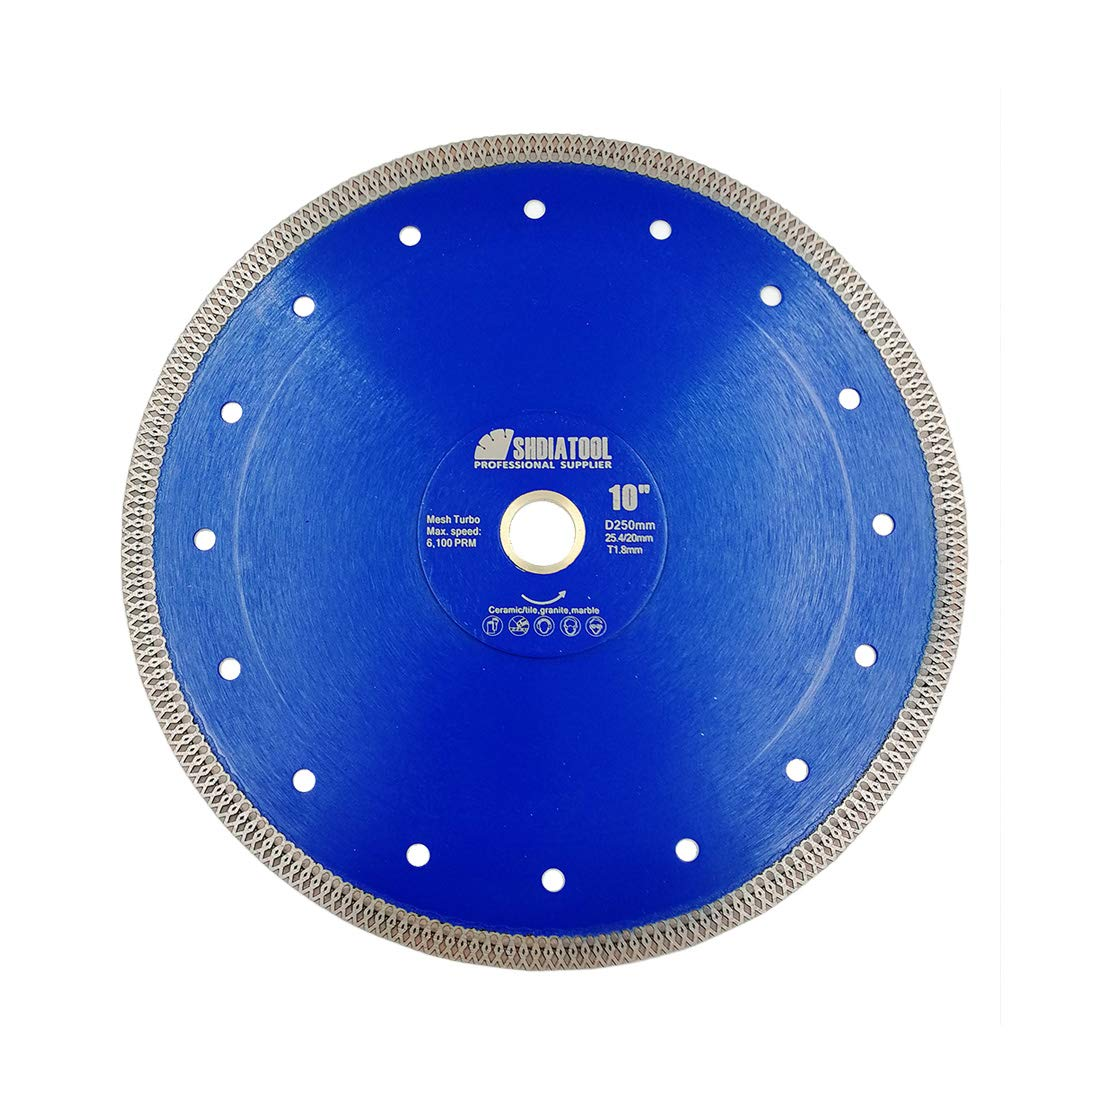 SHDIATOOL Disco Tronzador de Diamante 105MM con Malla Turbo Hoja de Sierra para Porcelana Azulejos Cer/ámica Granito M/ármol